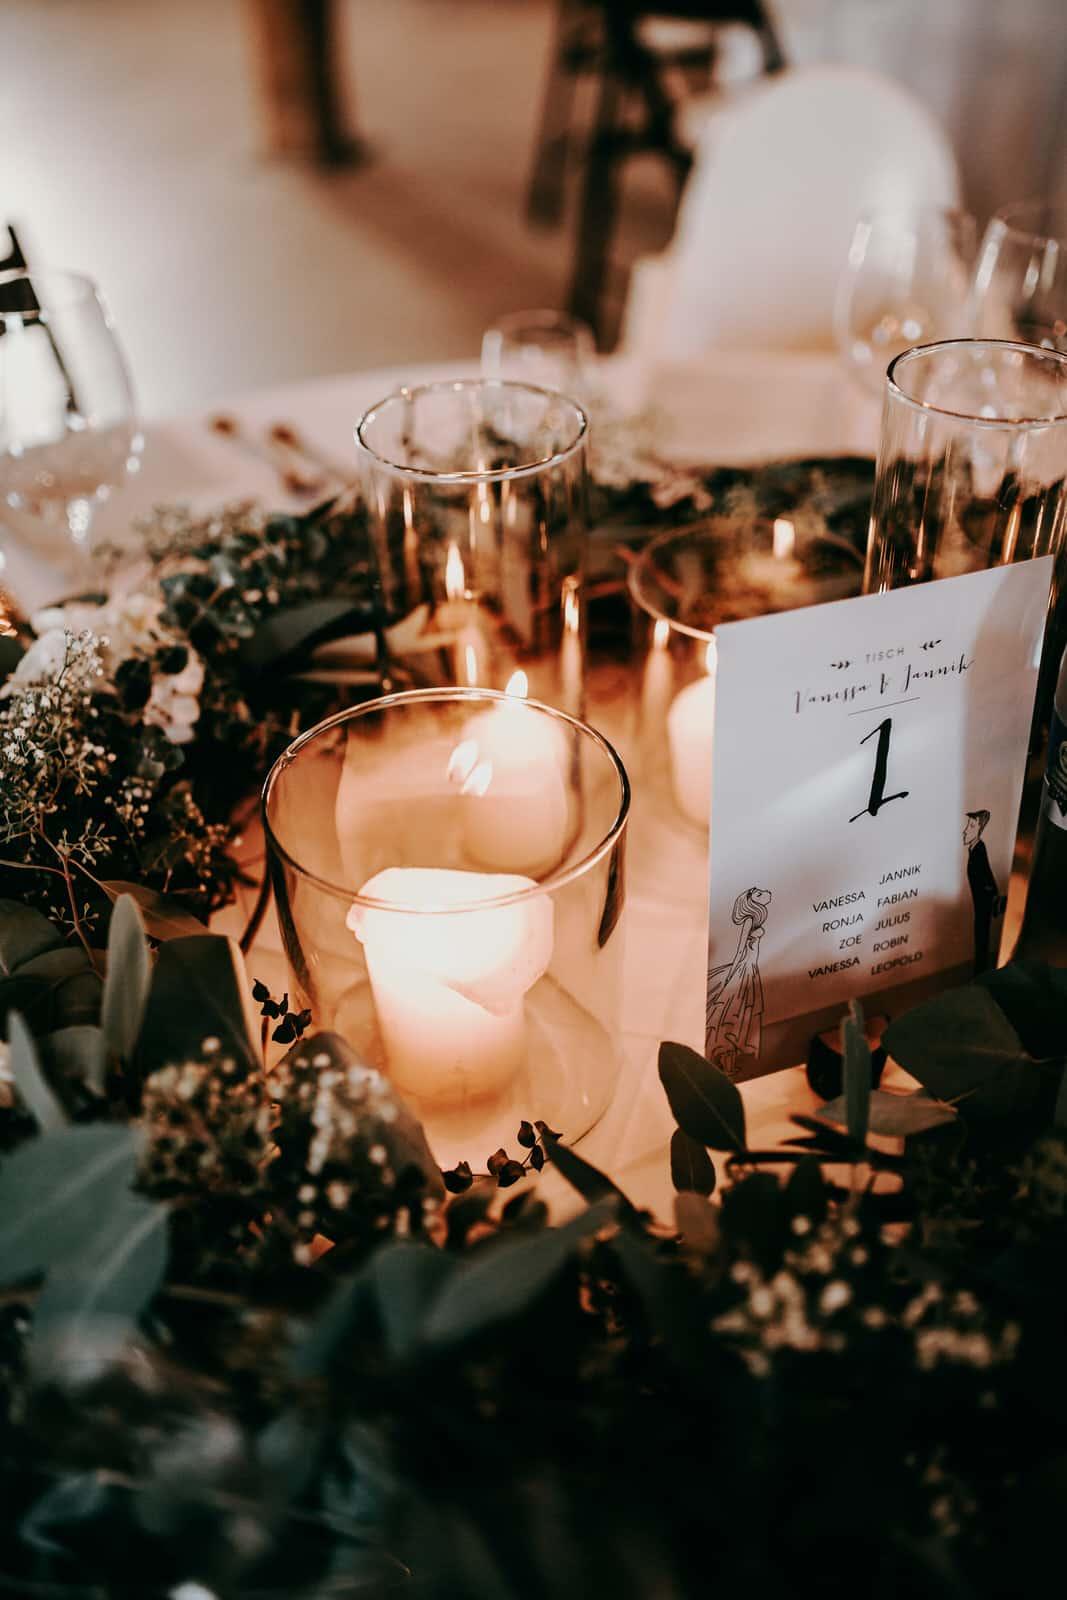 Als Hochzeitsfotografen lieben wir Details.Zu sehen ist ein Ausschnitt die Tischdekoration einer Hochzeitsfeier: weiße Stumpferen in einem edlen Glas, das Kerzenlicht flackert und gibt dem danebenliegenden Eukalyptus einen besonderen Farbton. Die Tischkarte zeigt die Tischnummer an und die Namen der Hochzeitsgäste, welche sich an diesem Tisch einfinden sollen.